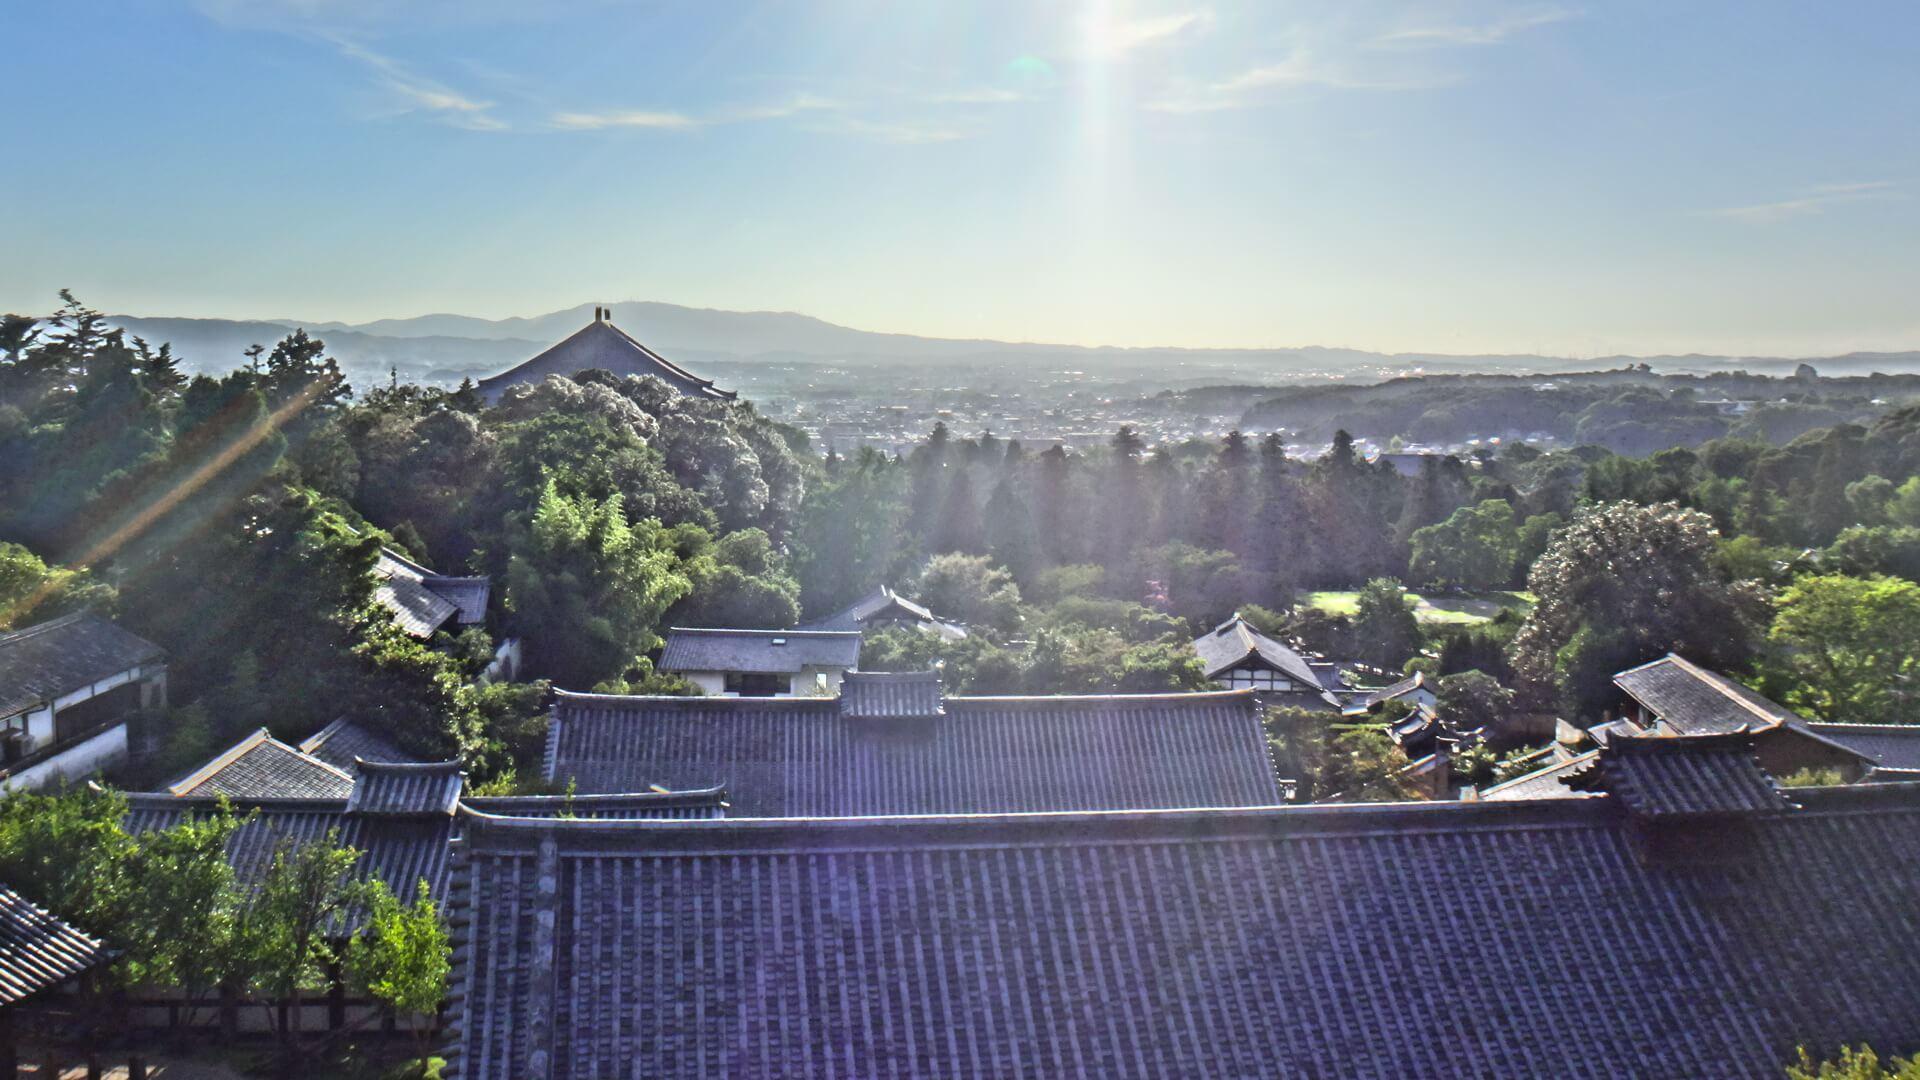 Vue sur la vallée de Nara avec la ville en contrebas.